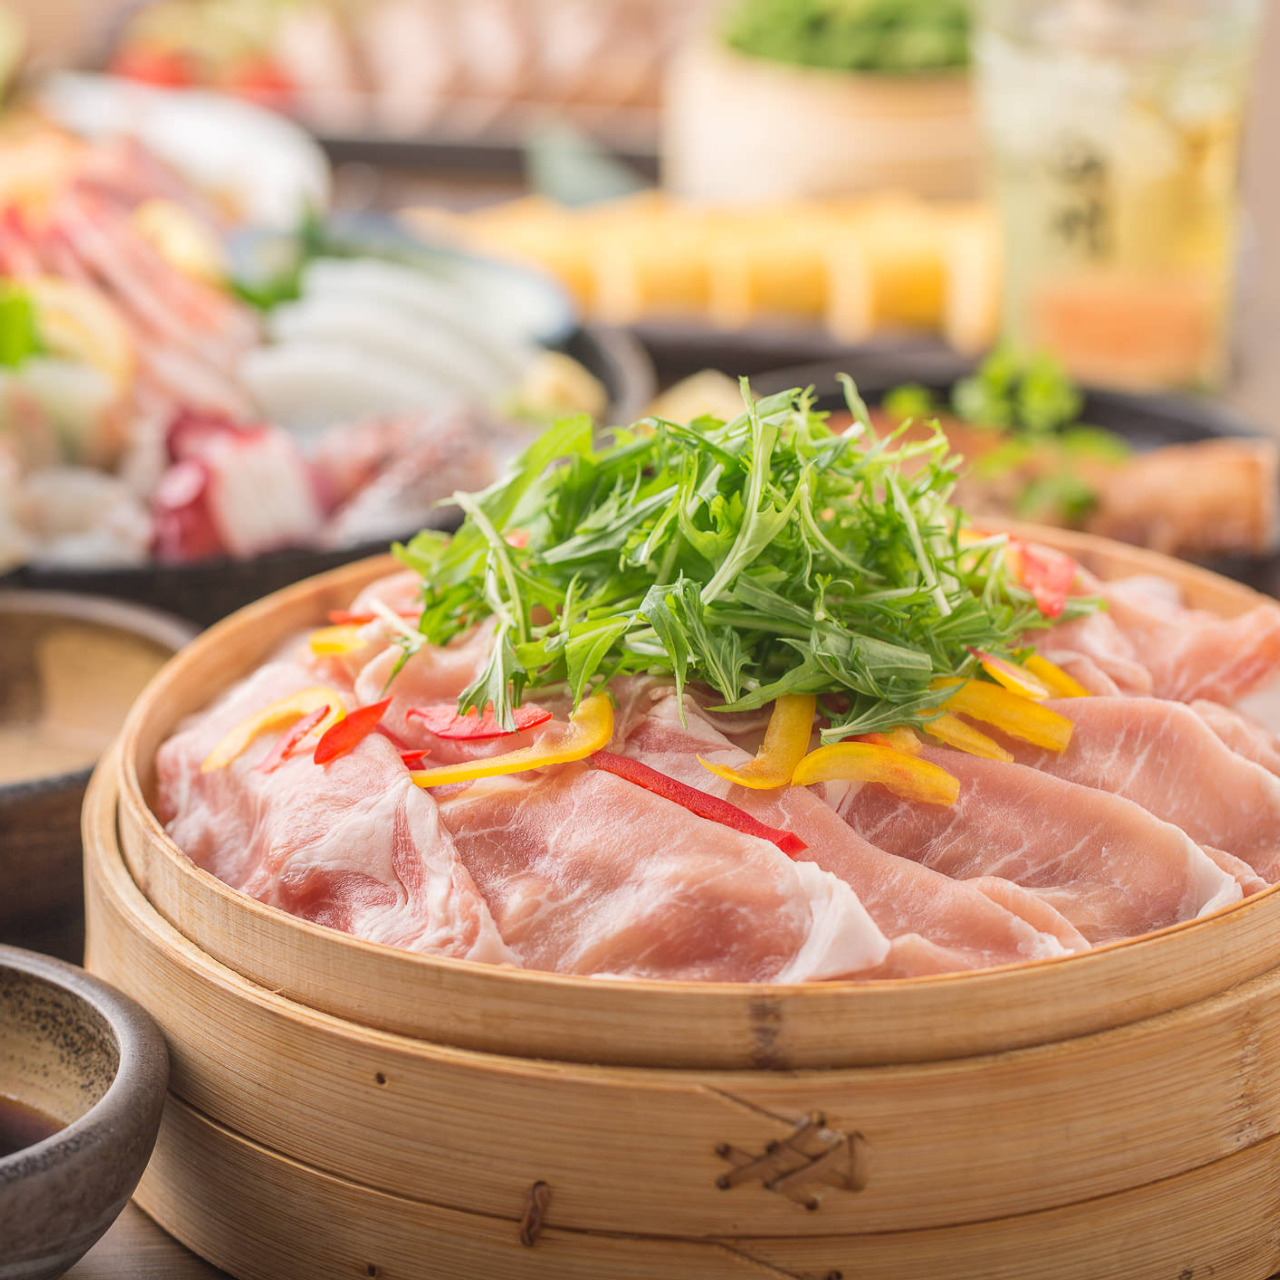 豚○商店 AISHI(とんまるしょうてん あいし) 新宿総本店のイメージ写真